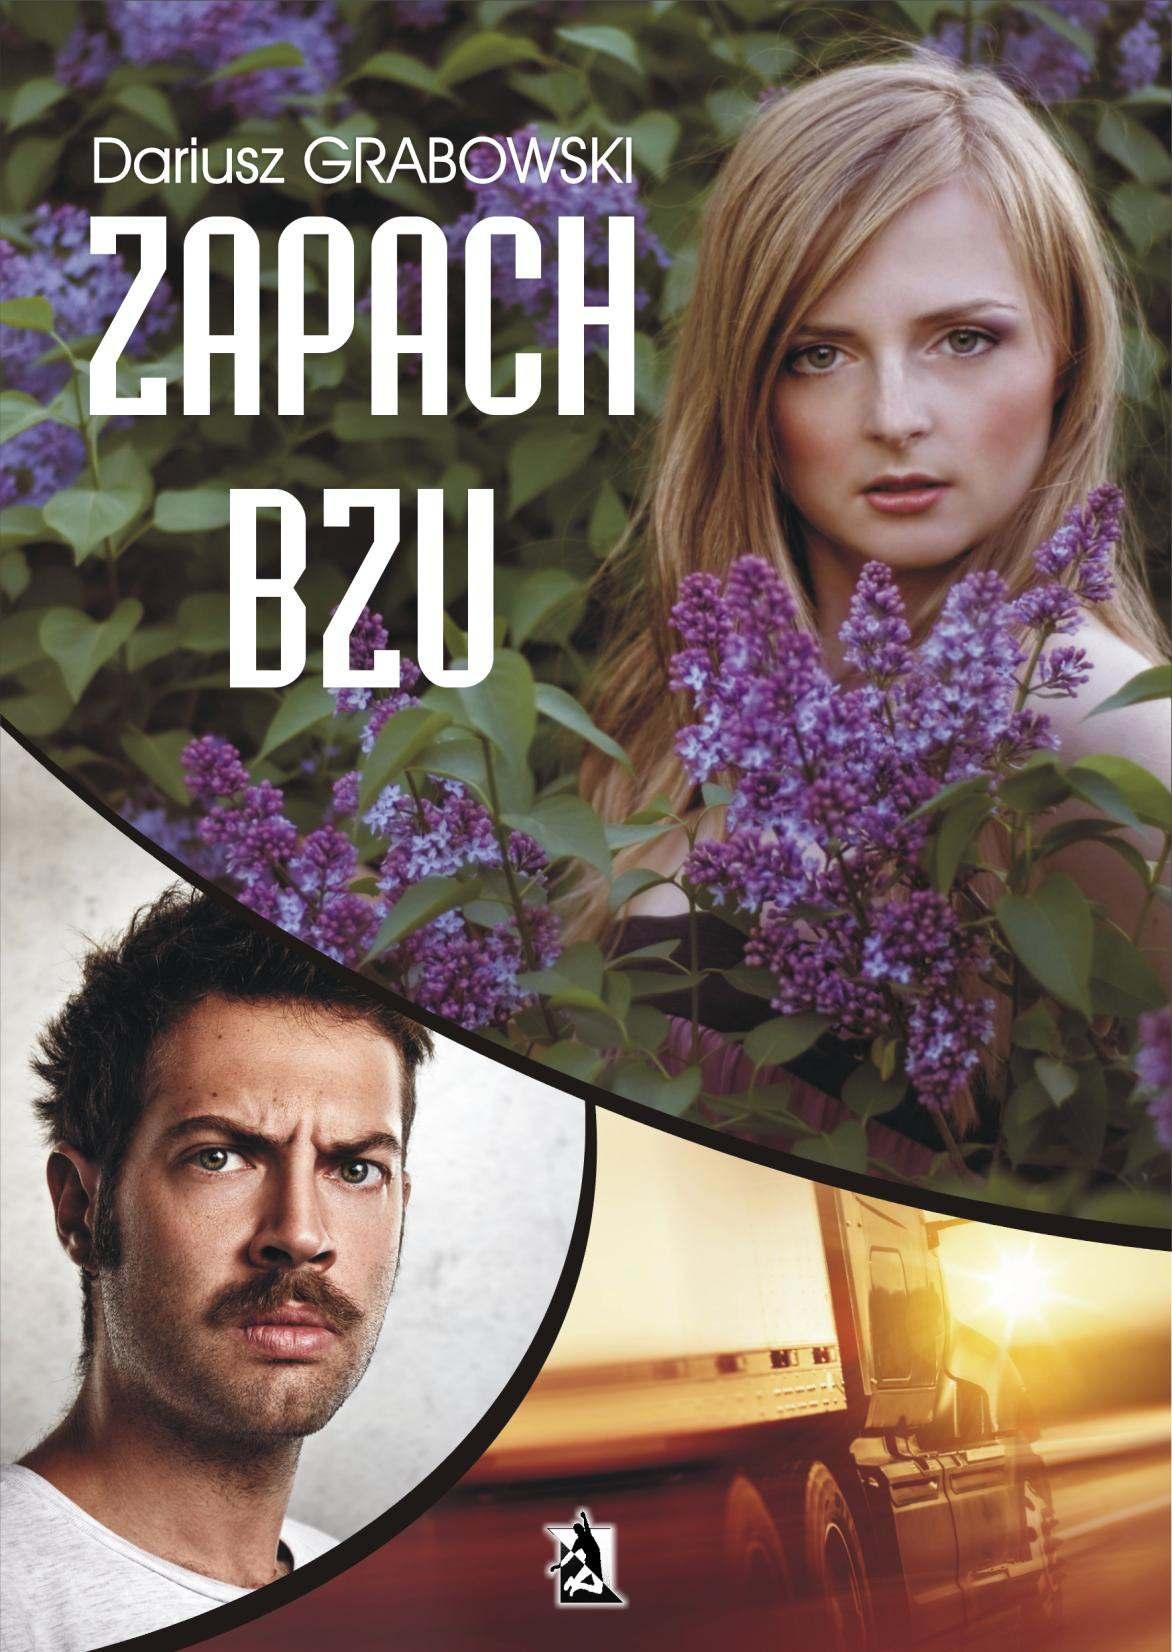 Zapach bzu - Ebook (Książka na Kindle) do pobrania w formacie MOBI